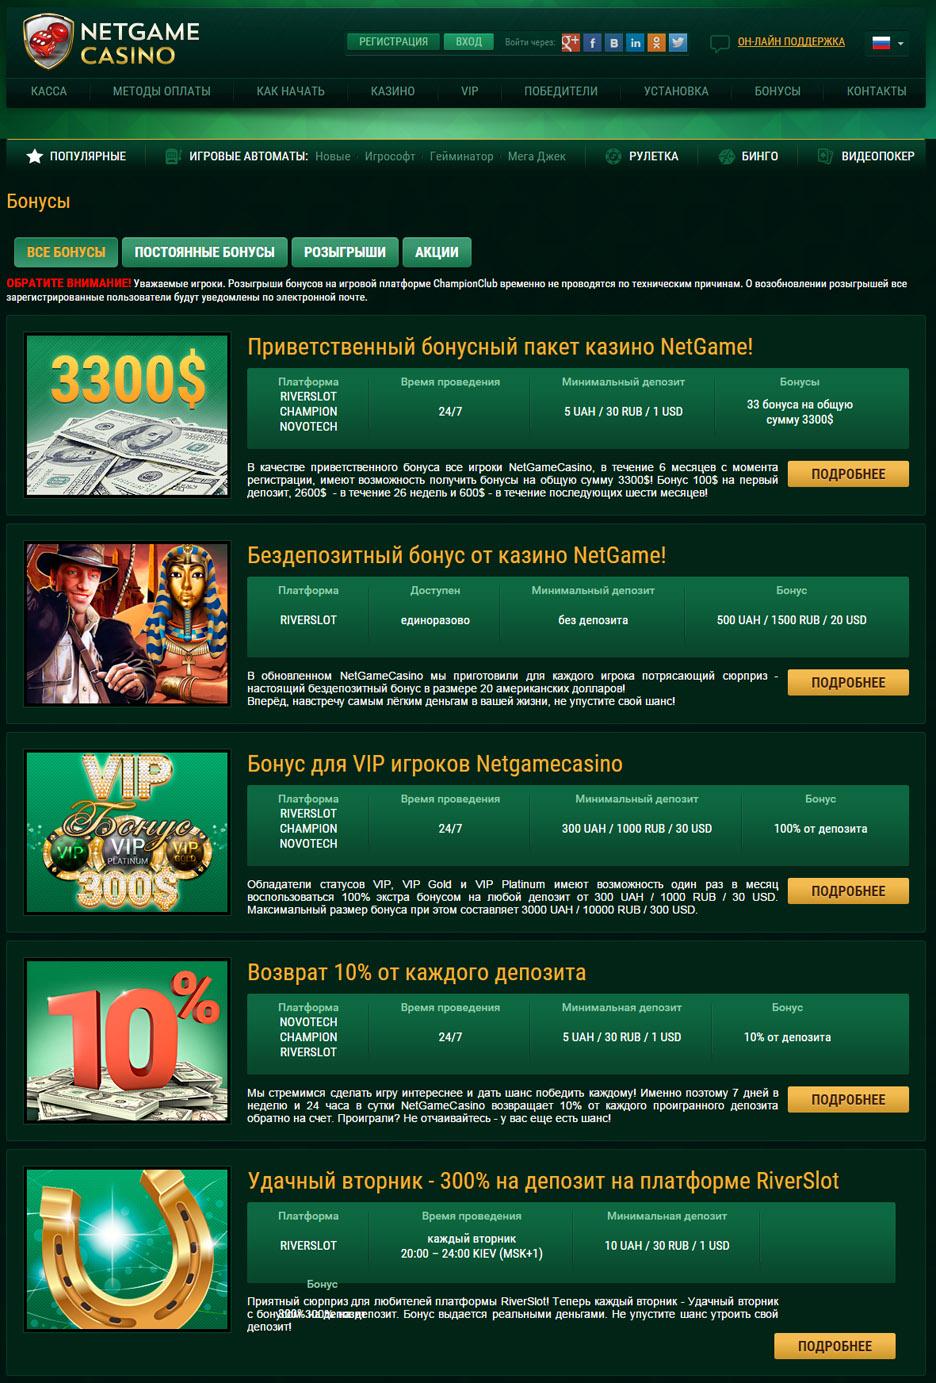 Casino deposito minimo 5